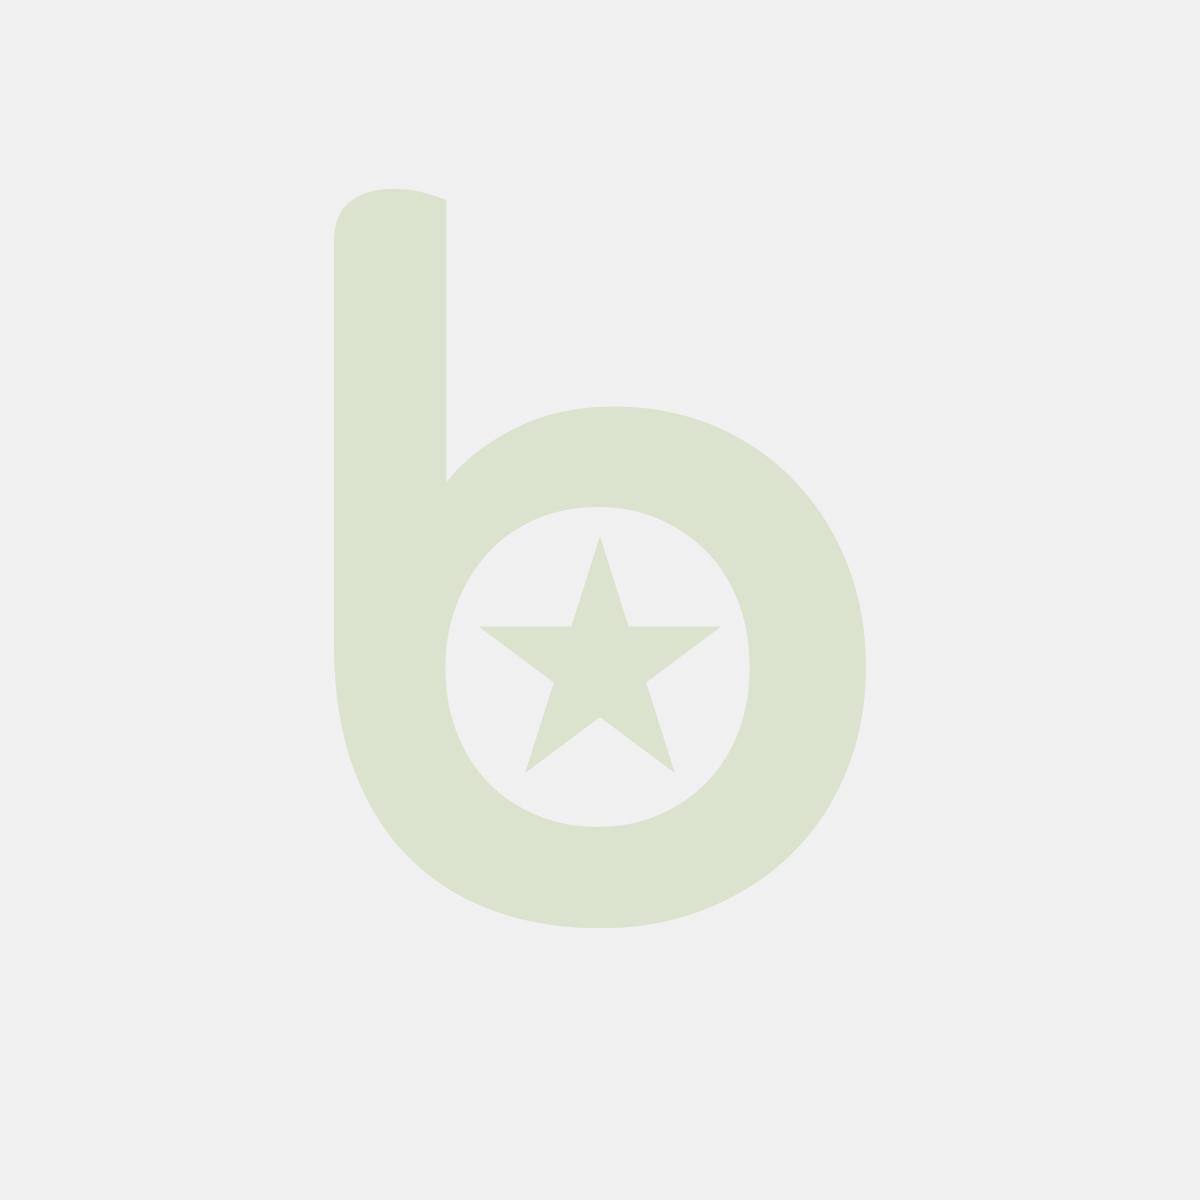 Torba szara 290/150/65 bez nadruku, cena za opakowanie 1000szt